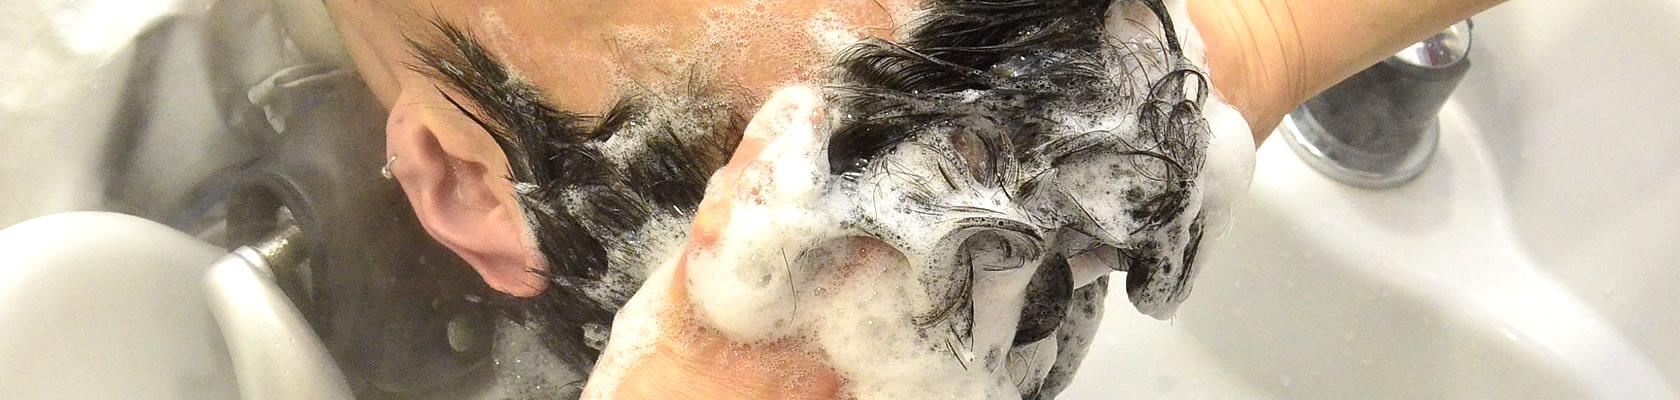 Shampoo – シャンプーへのこだわり